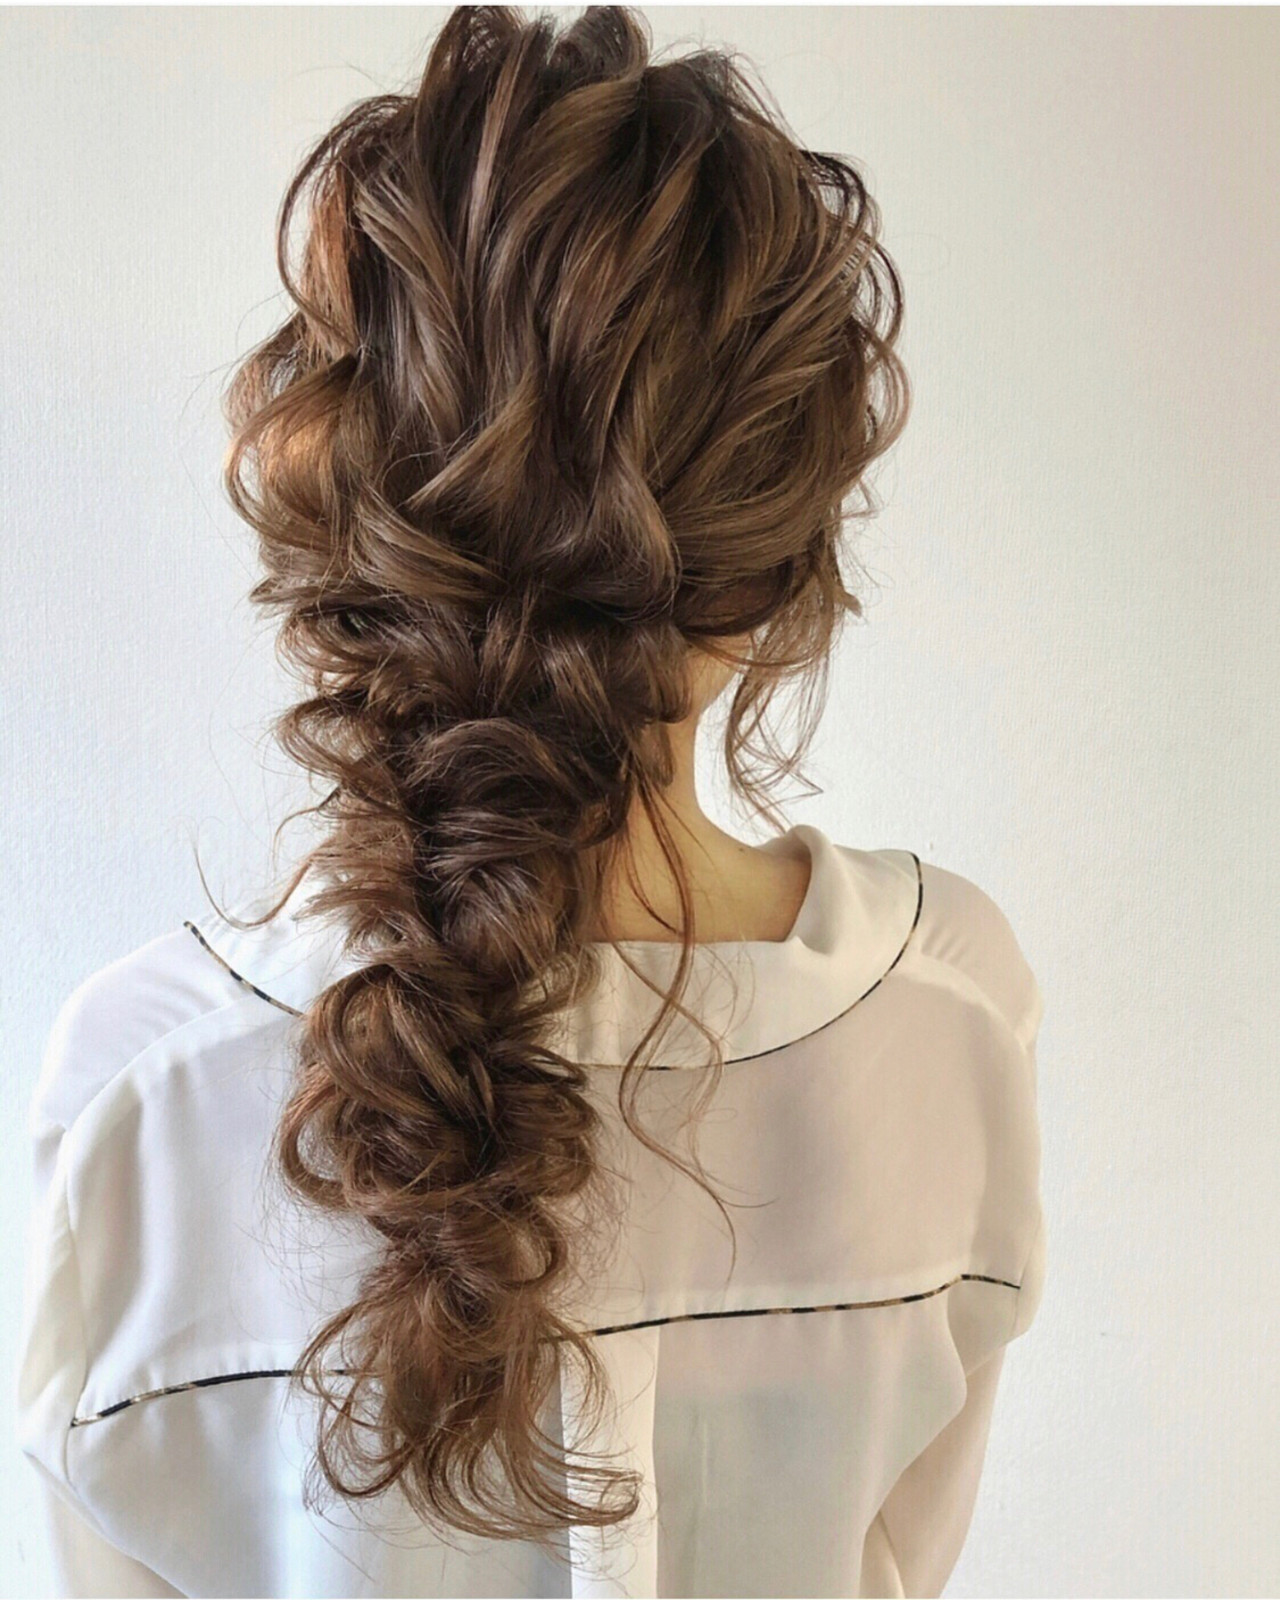 アンニュイほつれヘア ゆるナチュラル 大人かわいい ロング ヘアスタイルや髪型の写真・画像